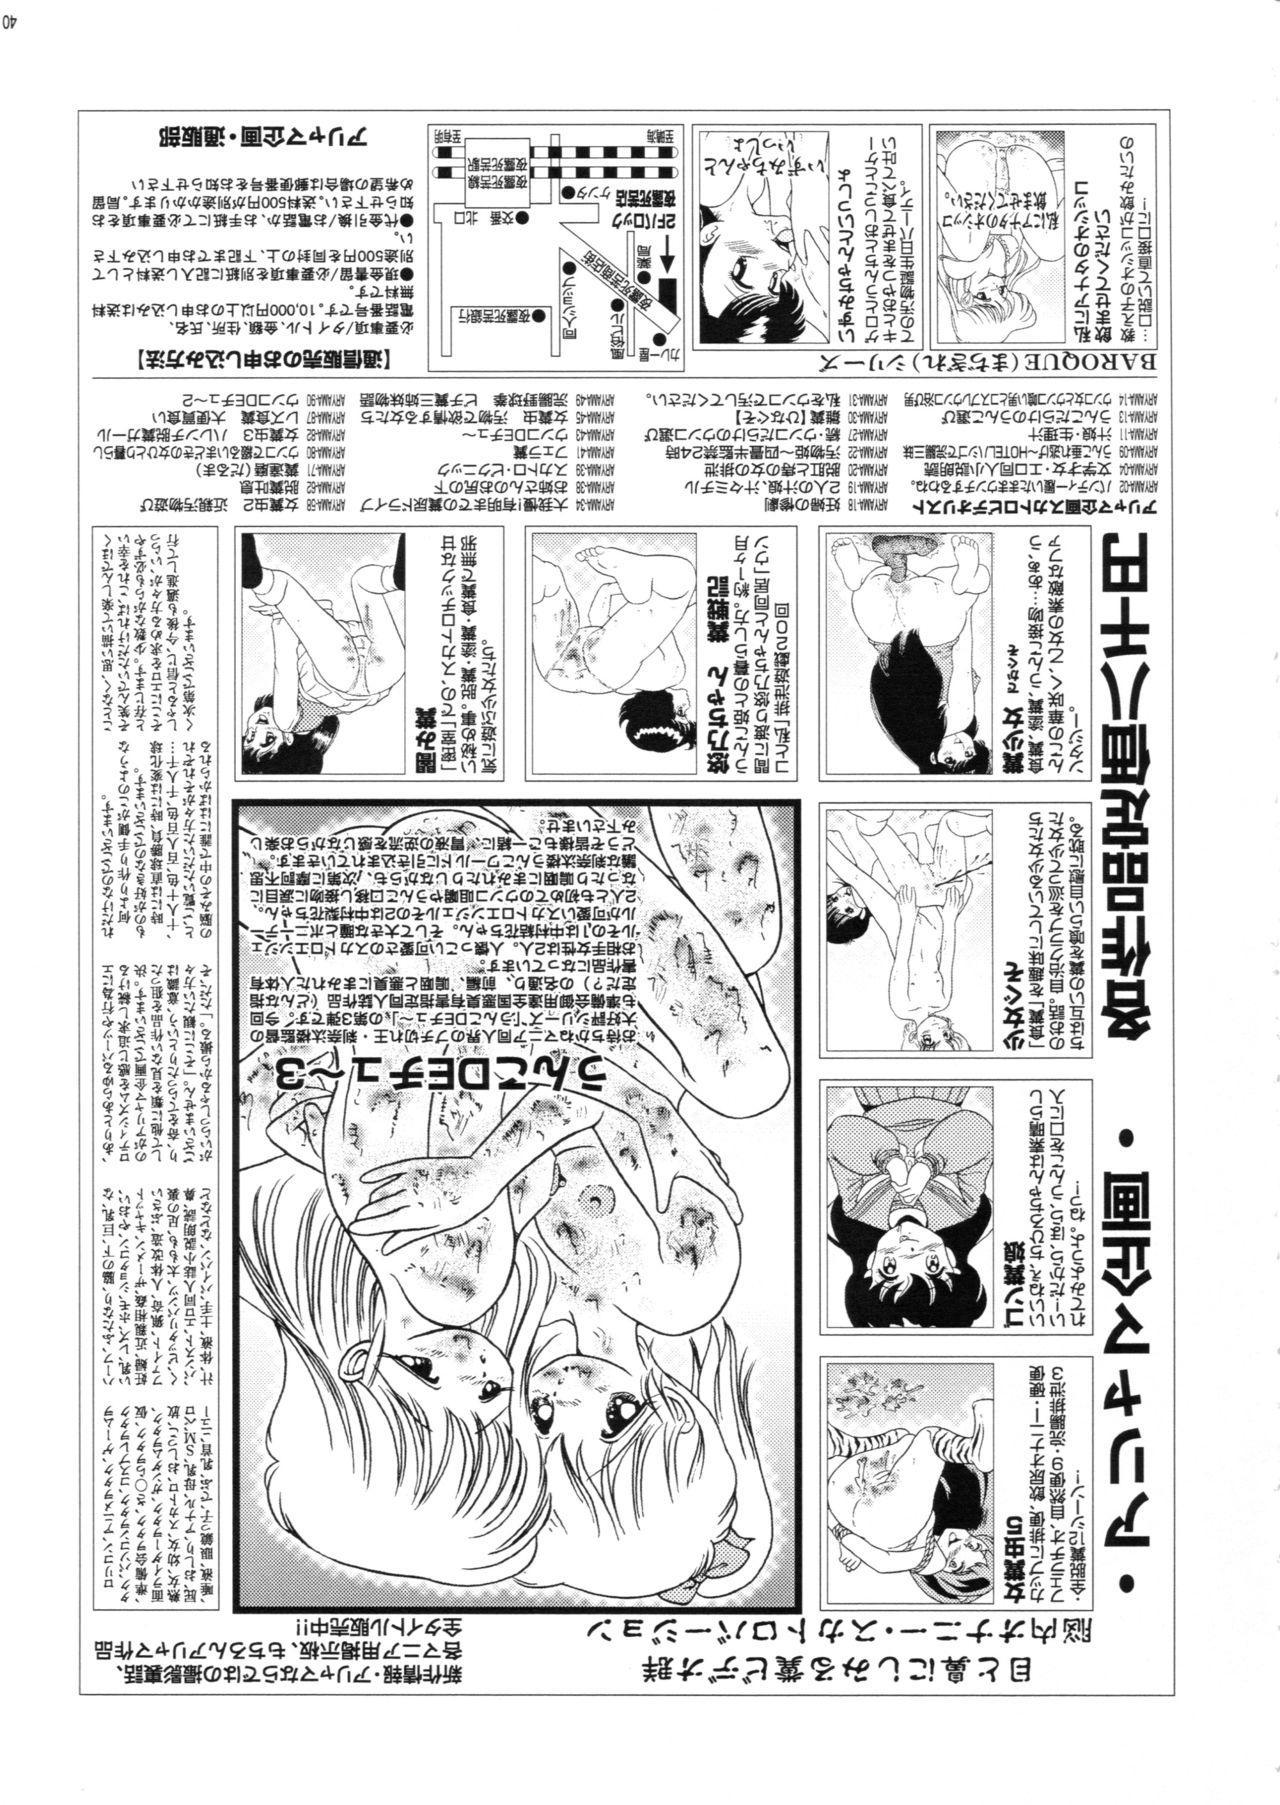 Saku-chan Club Vol. 02 38